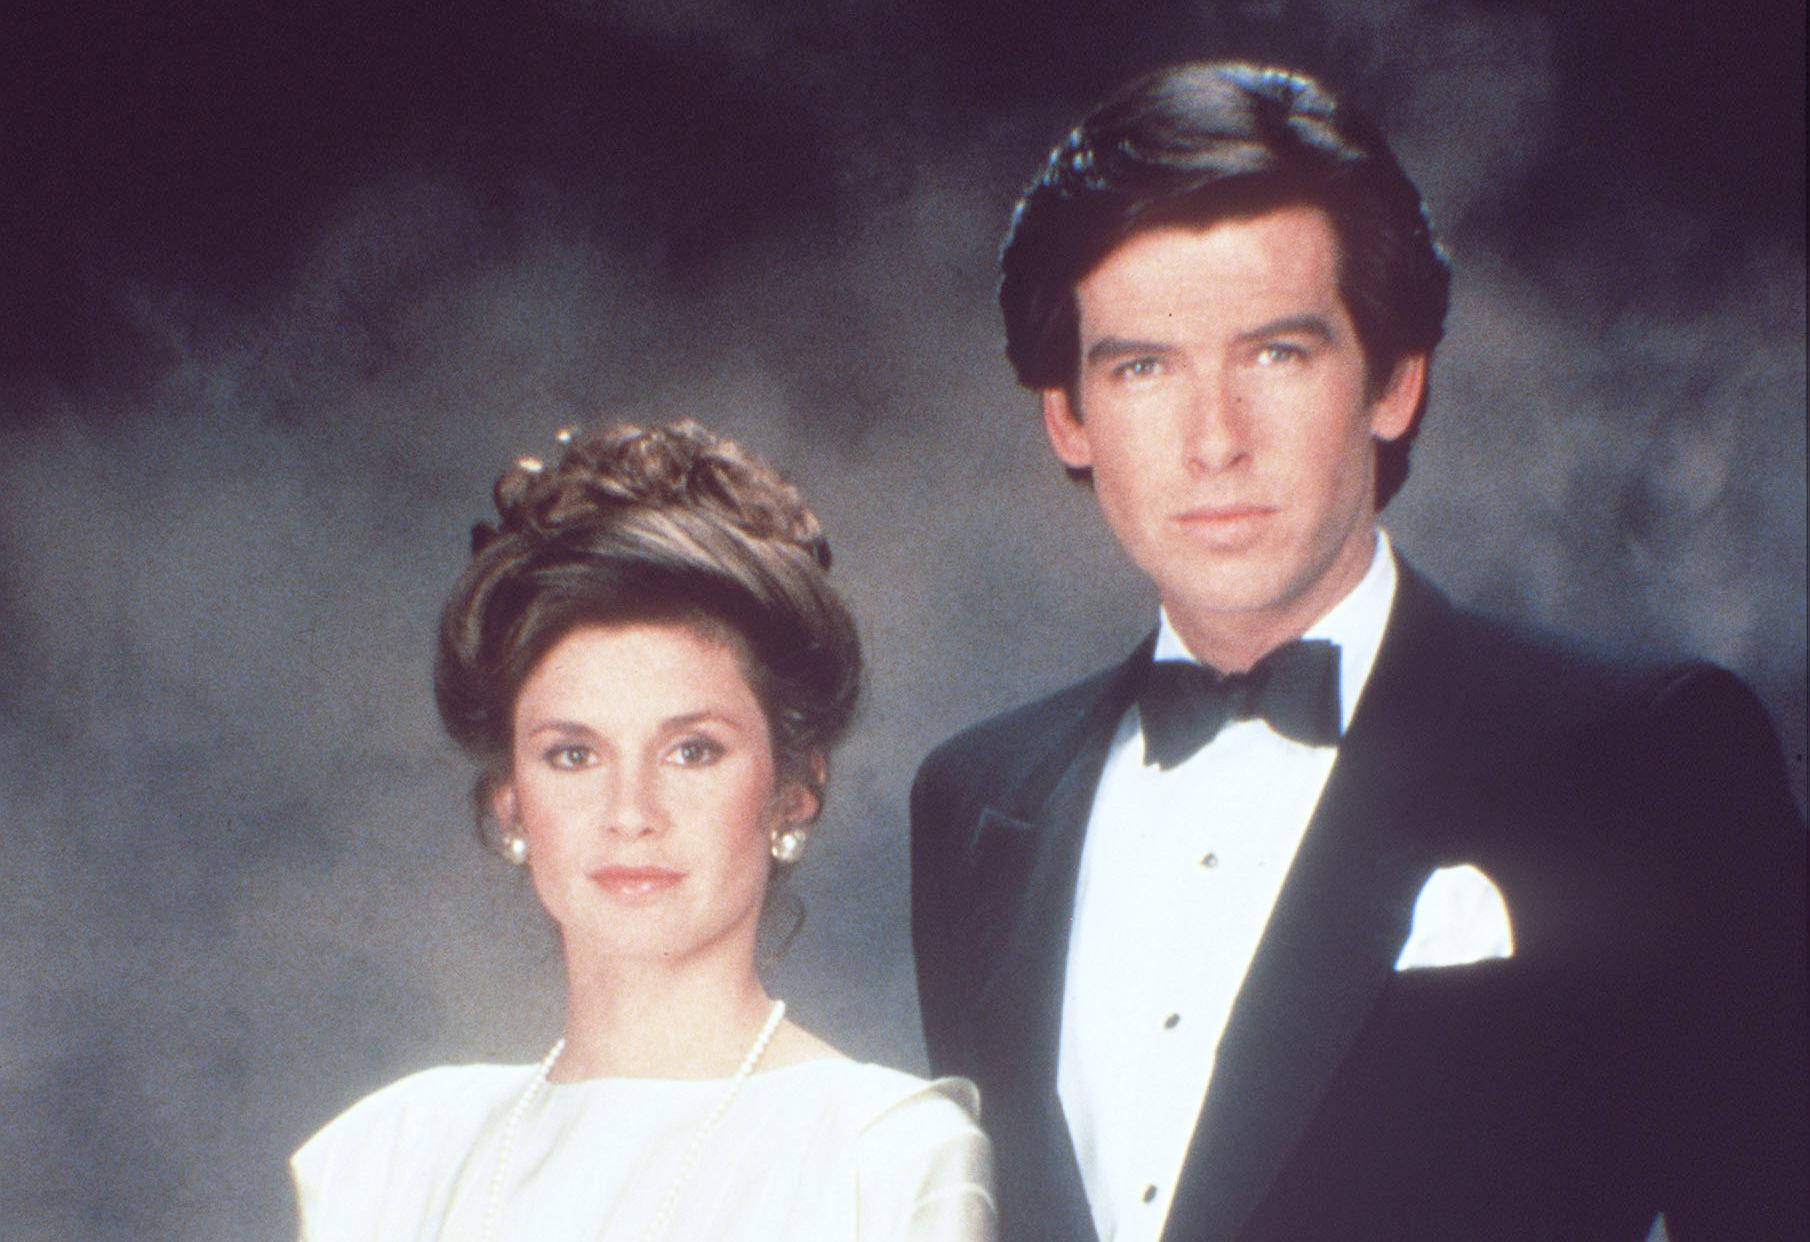 Pierce Brosnan hat in 'Remington Steele' (1982-1987) aussichtsreich um den Titel des bestgekleideten Detektivs in der Geschic